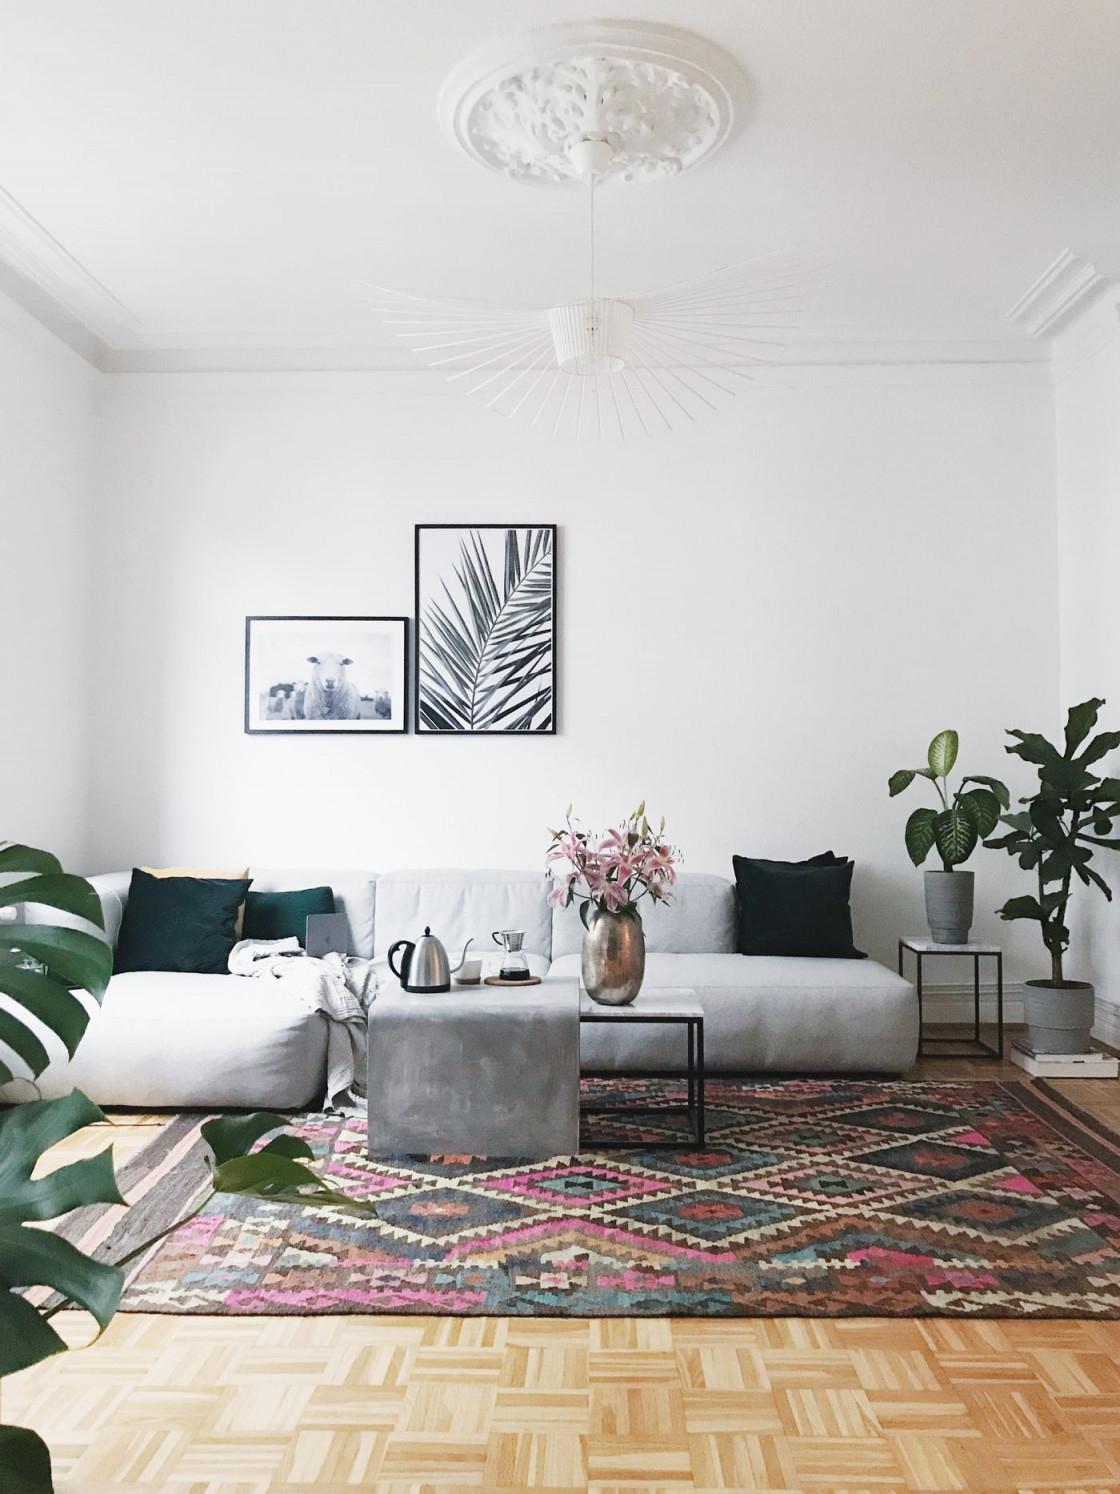 Die Schönsten Wohnzimmer Deko Ideen von Sommer Deko Wohnzimmer Bild